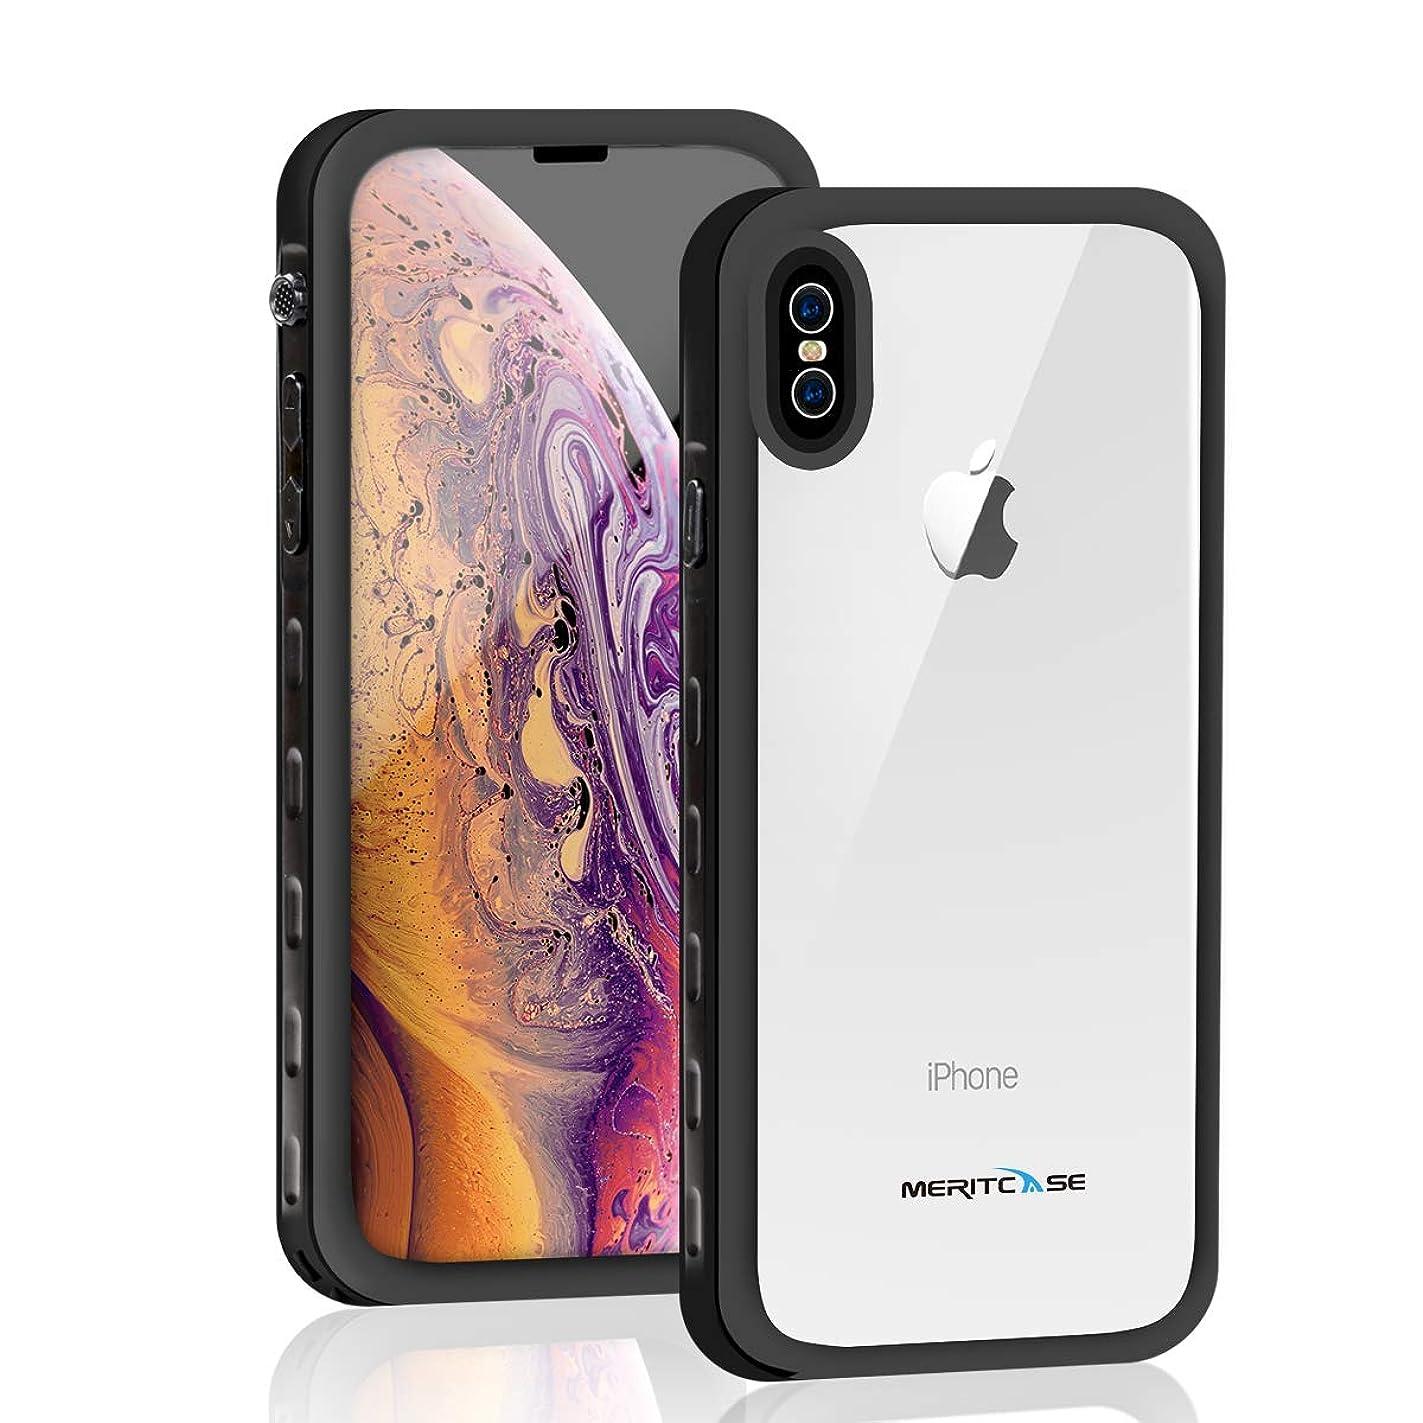 現代厚いリングレットMerit iPhone XS MAX ケース 防水ケース 水下10M 完全防水 IP68米軍MIL規格 無線充電 防塵 耐衝撃 360°全方向保護 塵?キズ·落下防止 高耐久ケース 風呂 雨 プール 海 フェイスID認証?Qi充電対応 XS MAX ケース リング付き アウトドア (X-Max-6.5-A)